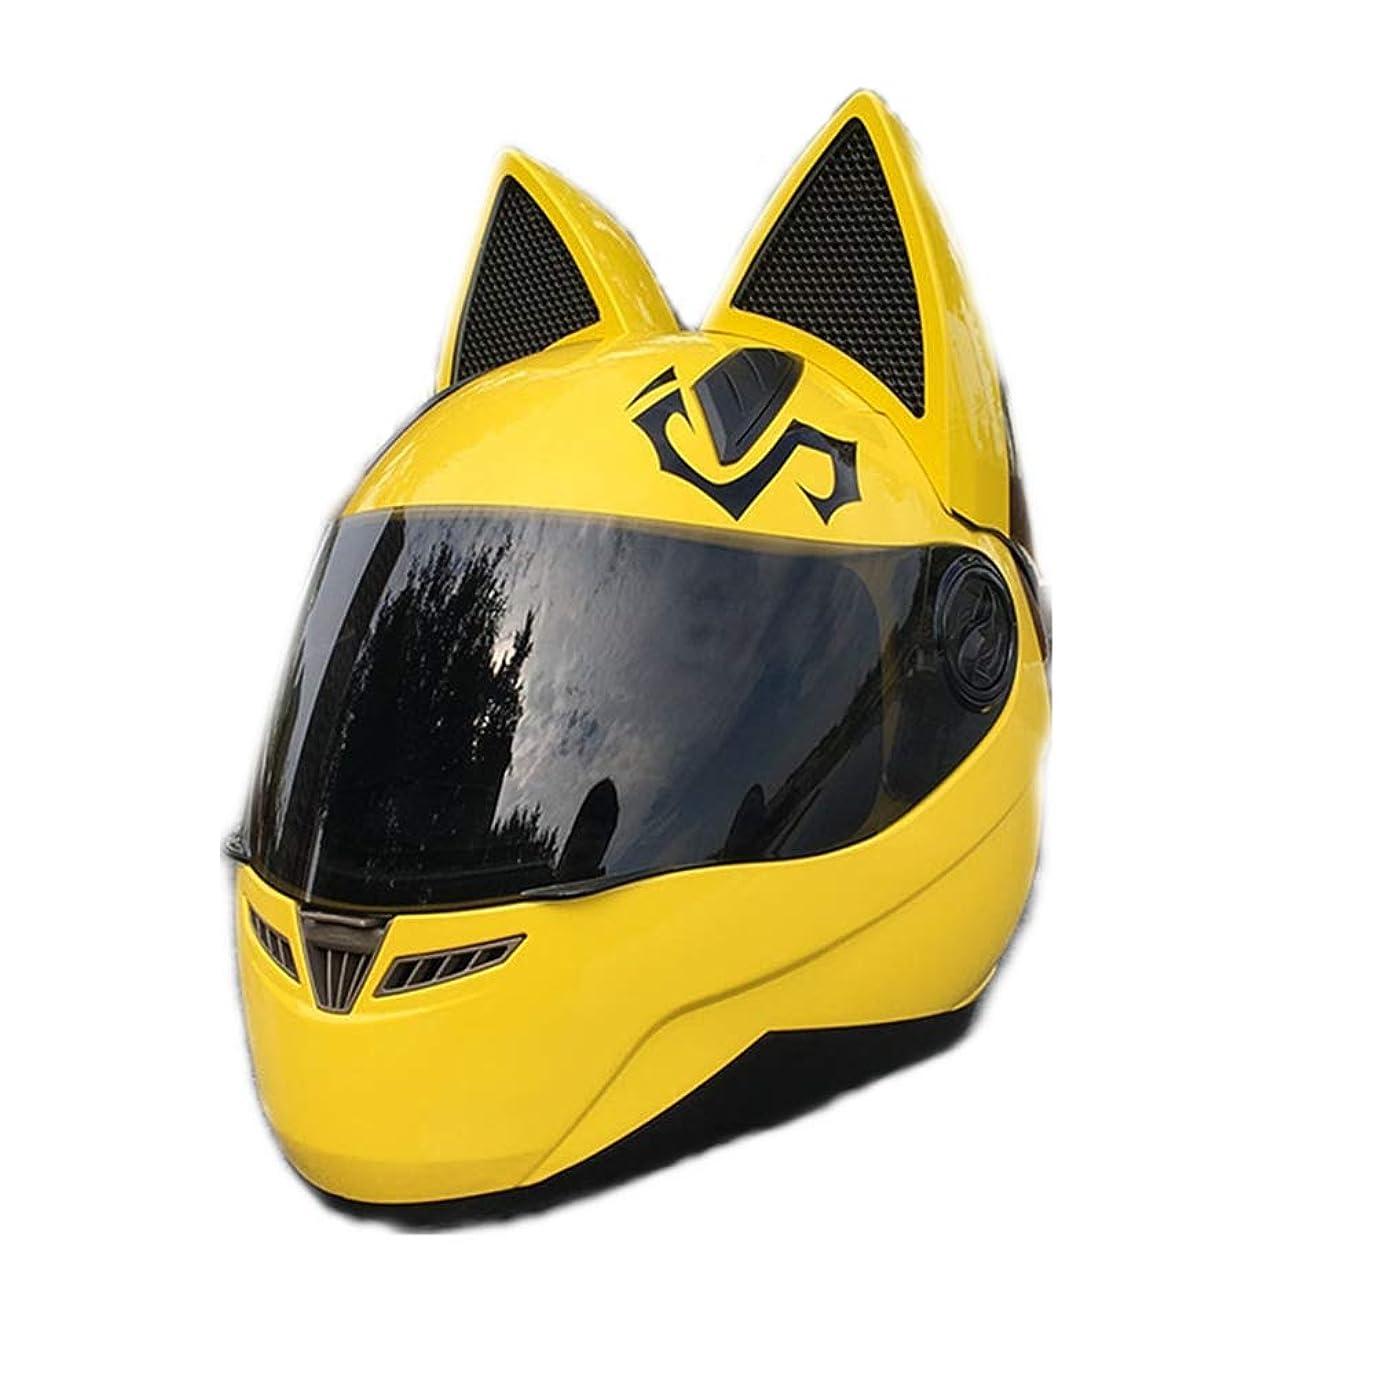 明日堤防敬なNITRINOS ヘルメット フルフェイスヘルメット 猫耳 バイク用 オールシーズン 黄色 M~XXL (L)